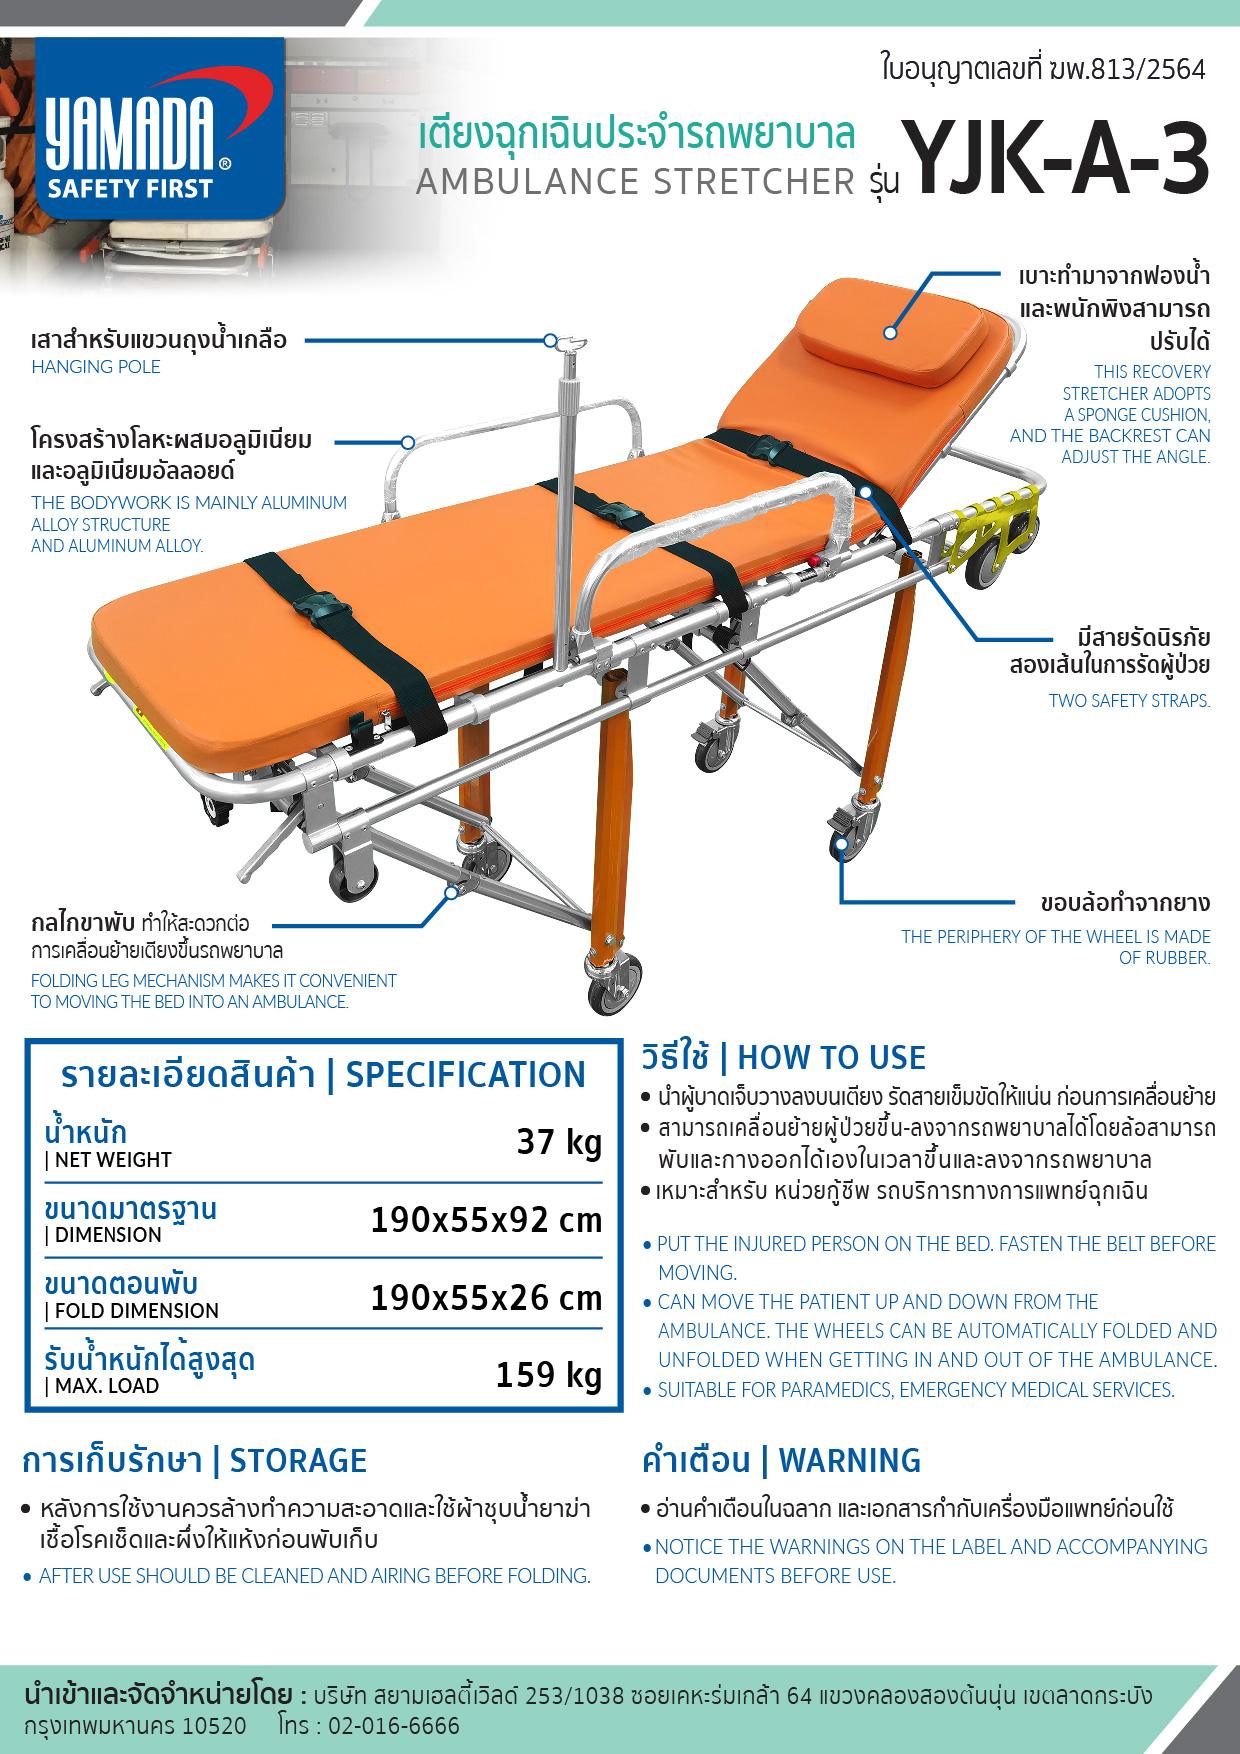 (4/7) เตียงฉุกเฉินประจำรถพยาบาล รุ่นYJK-A-3